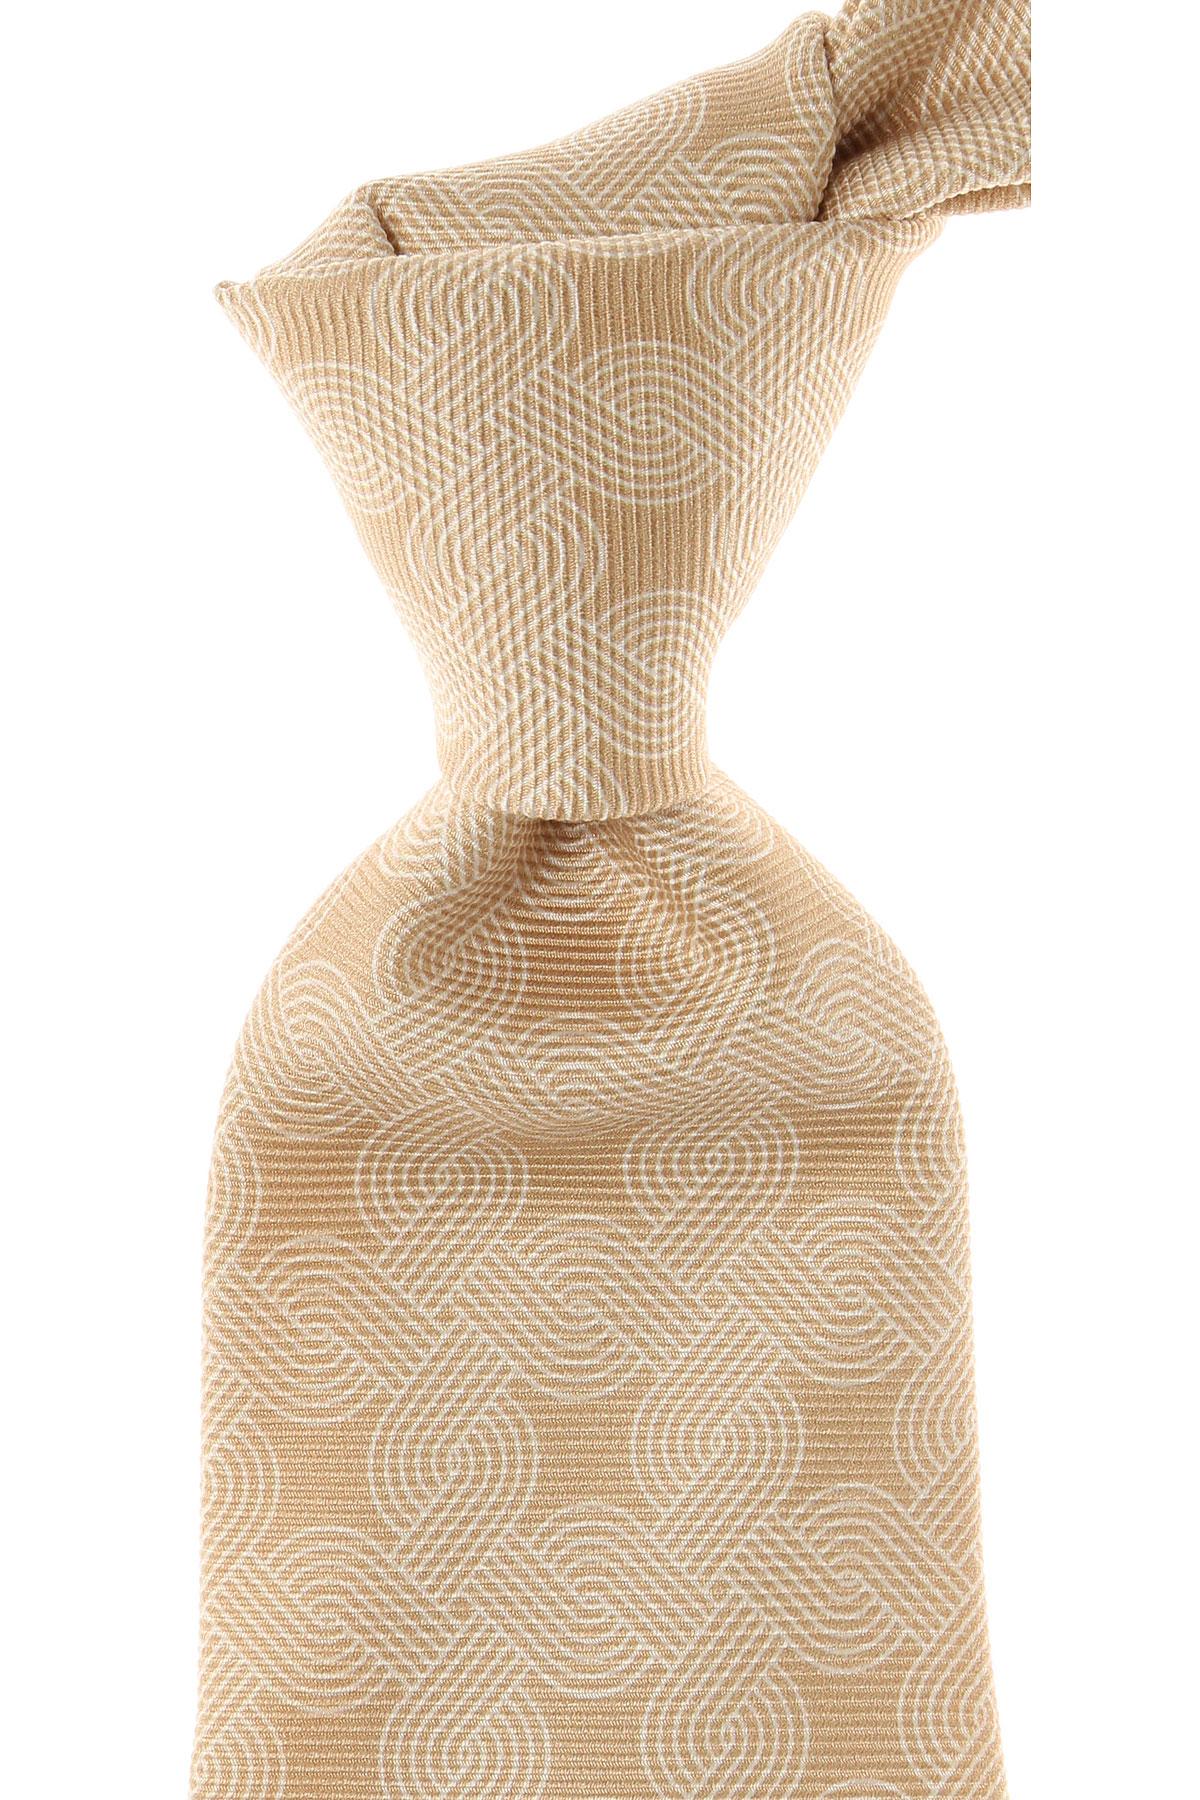 Image of Kiton Ties On Sale, Brown Sugar, Silk, 2017